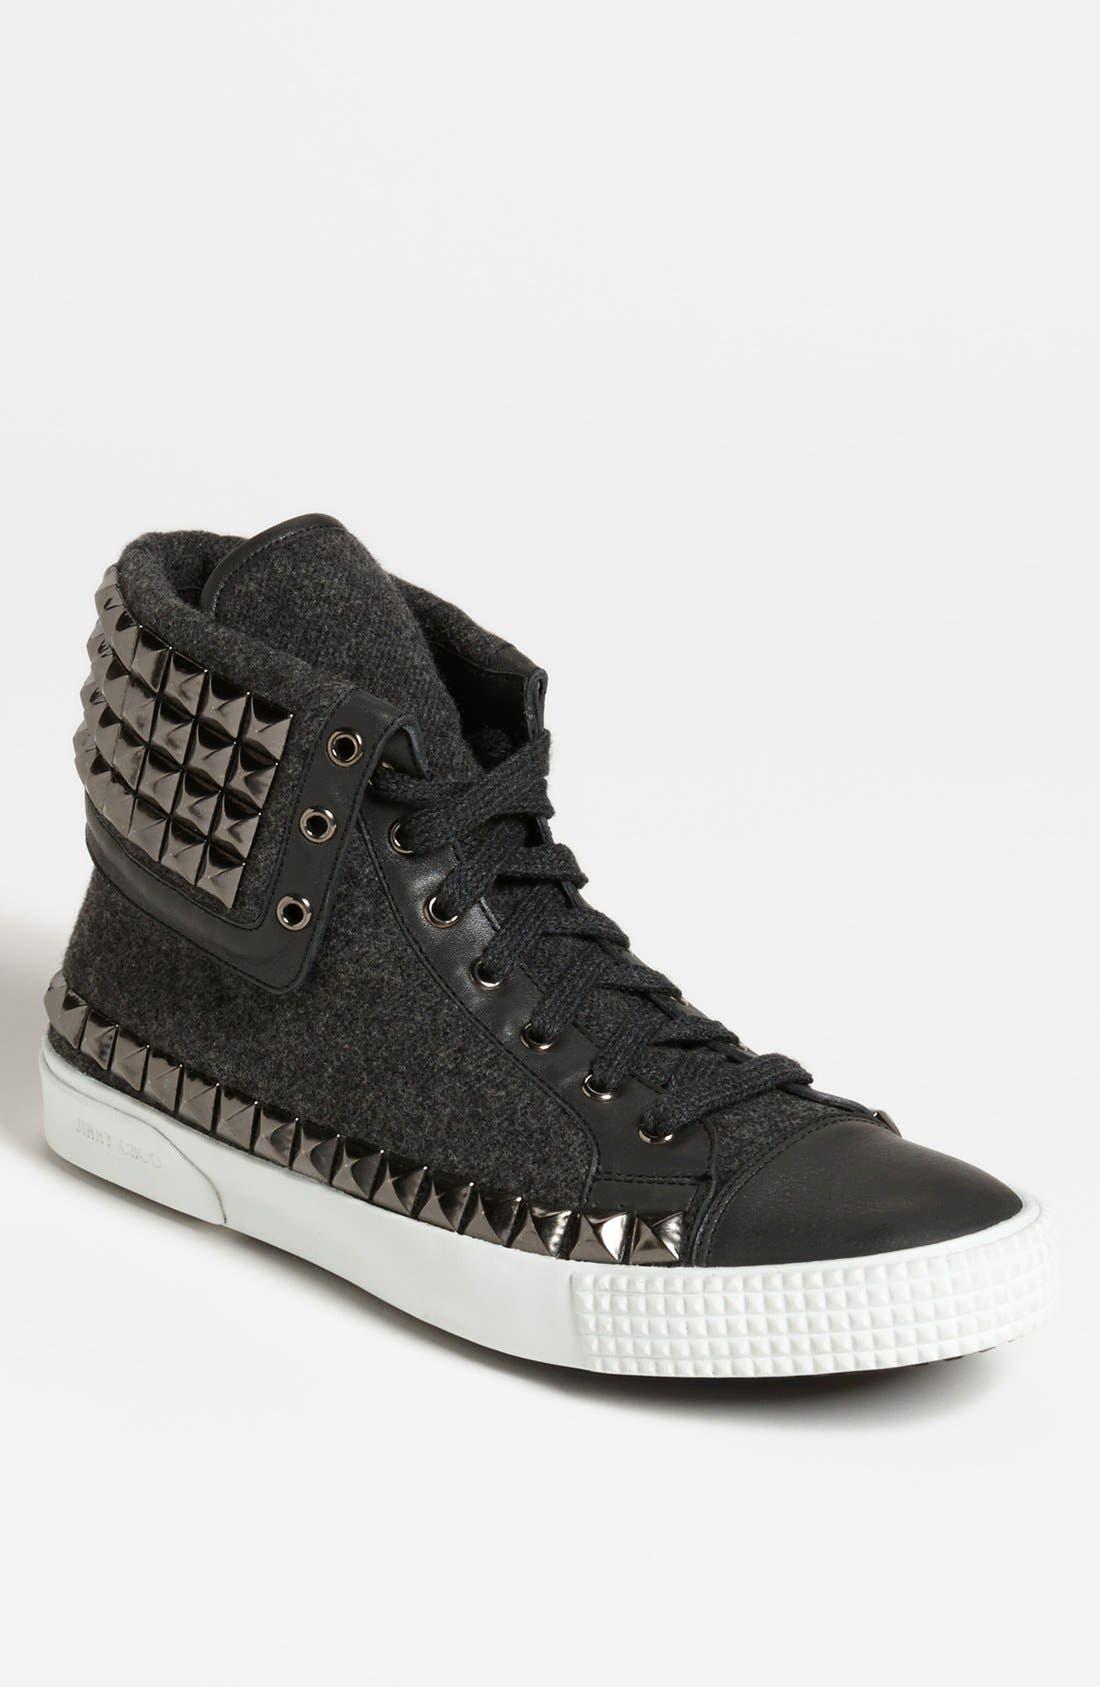 Alternate Image 1 Selected - Jimmy Choo 'Spencer' Studded Sneaker